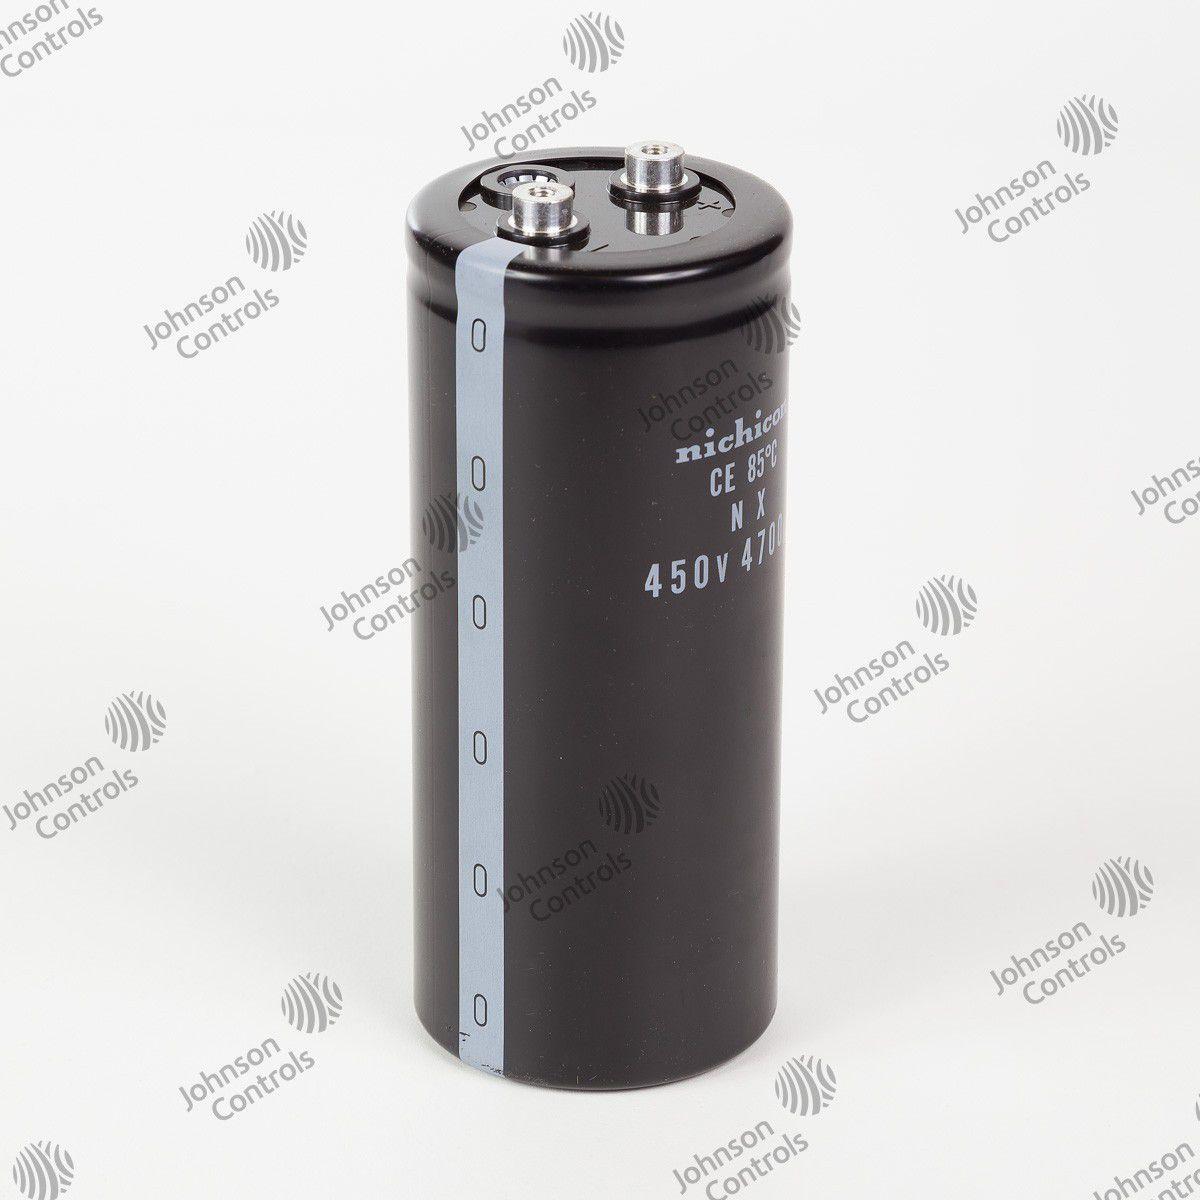 CAPACITOR 450V - 4700uF - 17B37350B